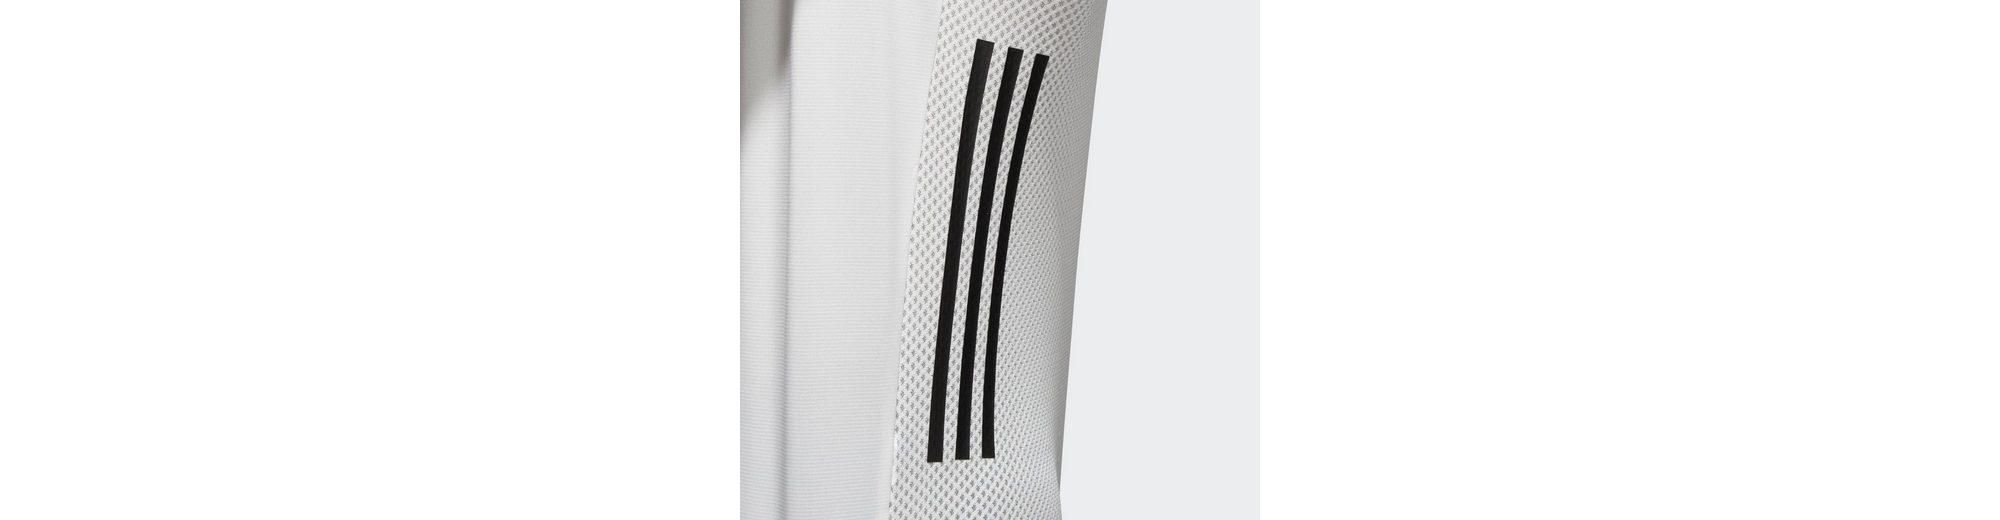 adidas Performance Sporttop Adizero Singlet Rabatt Sneakernews Verkaufsstelle Billig Aus Deutschland uJICdeP